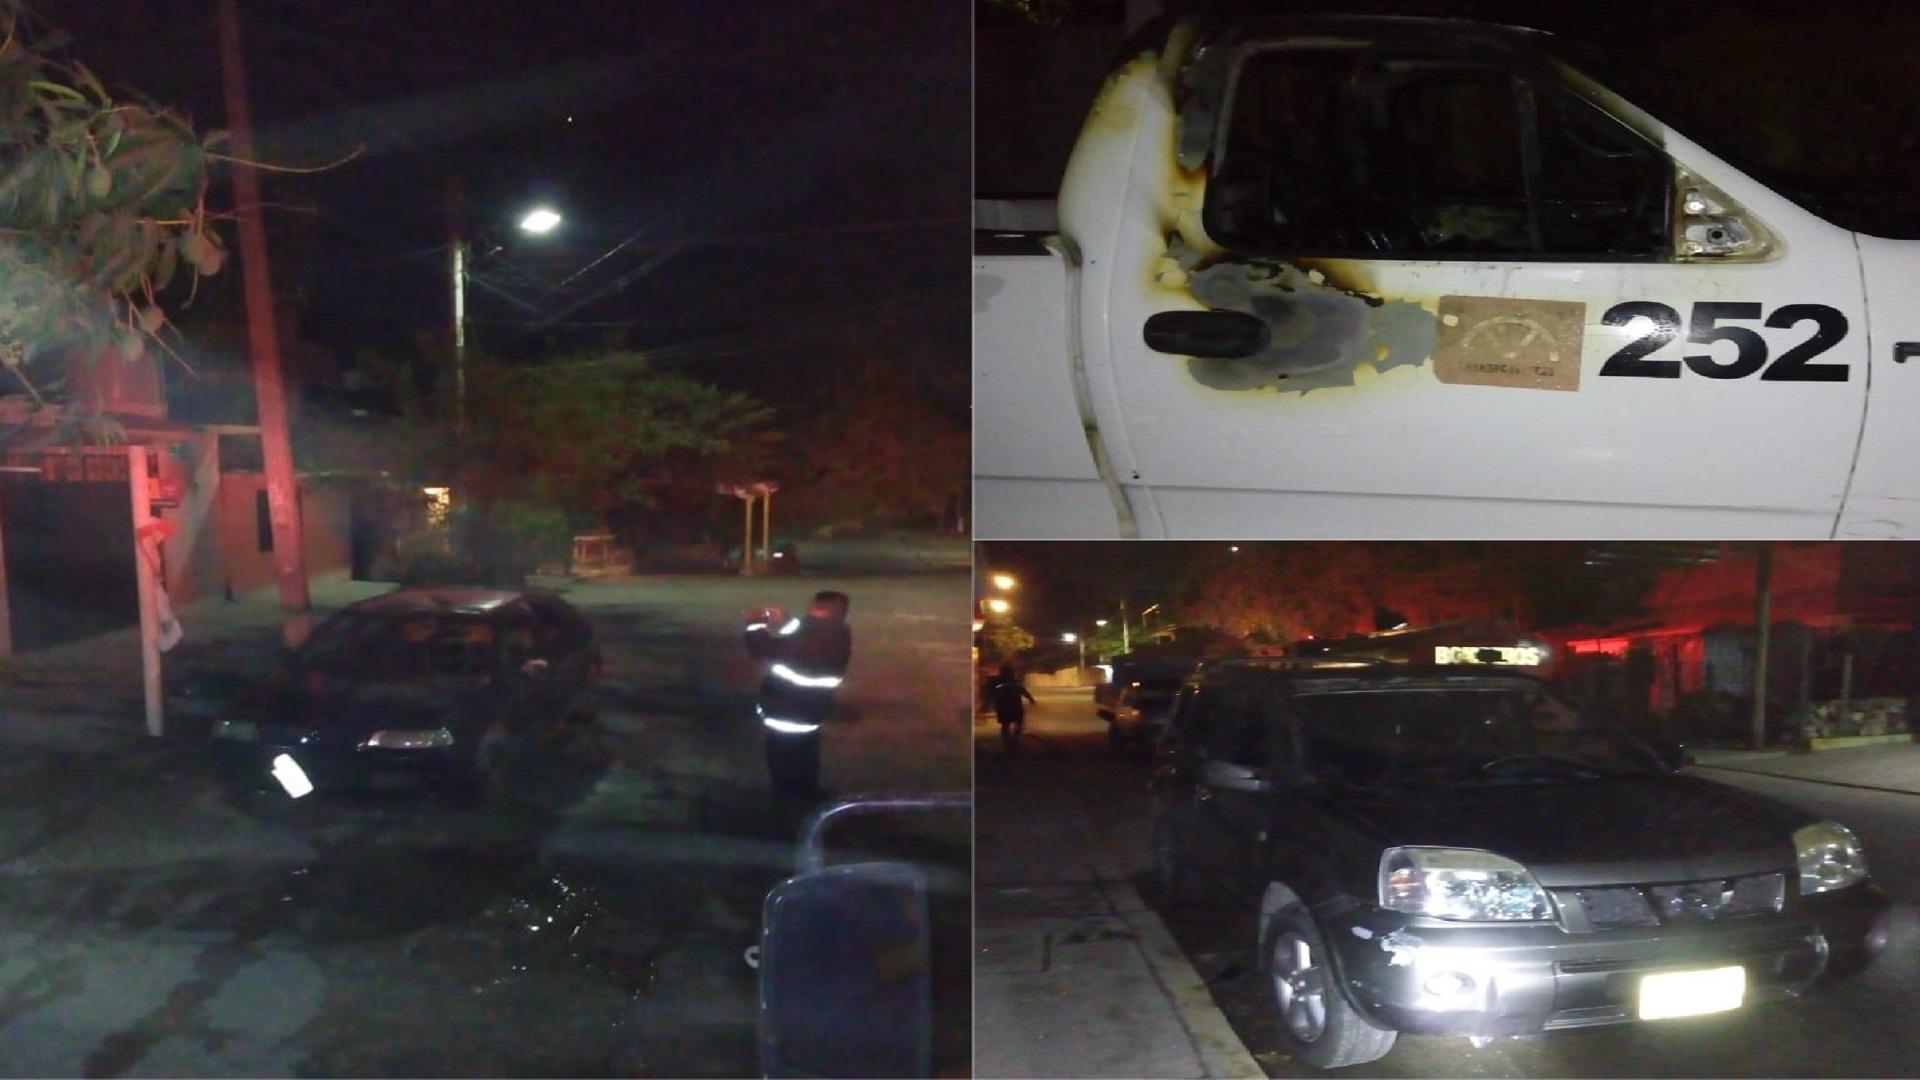 Vehículos incendiados. Foto de Red Noticias